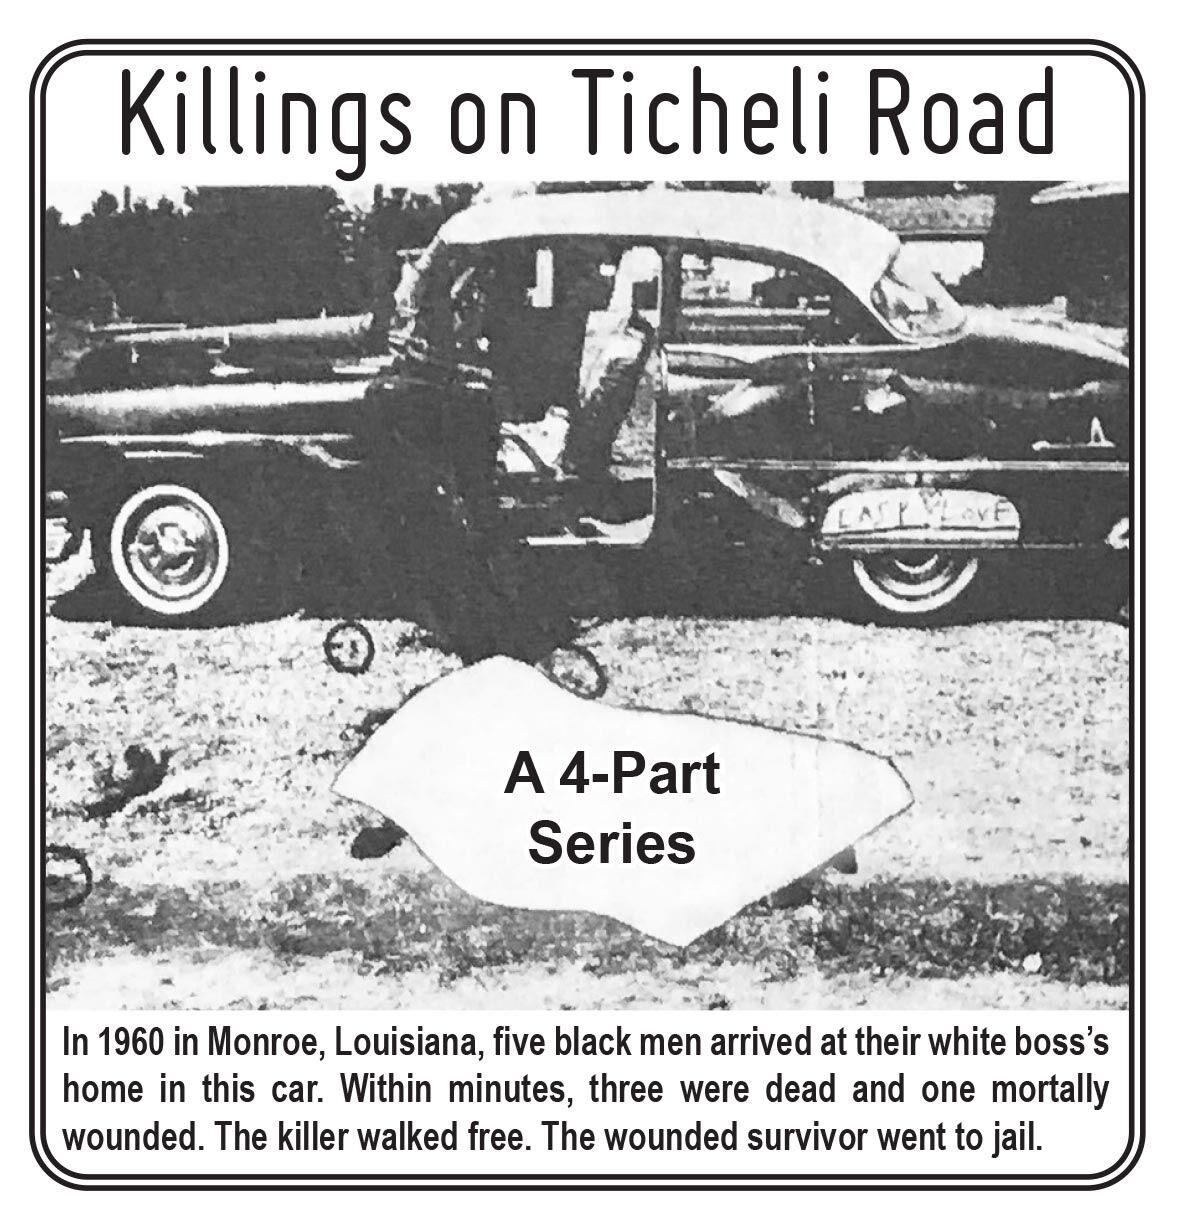 Killings on Ticheli Road logo